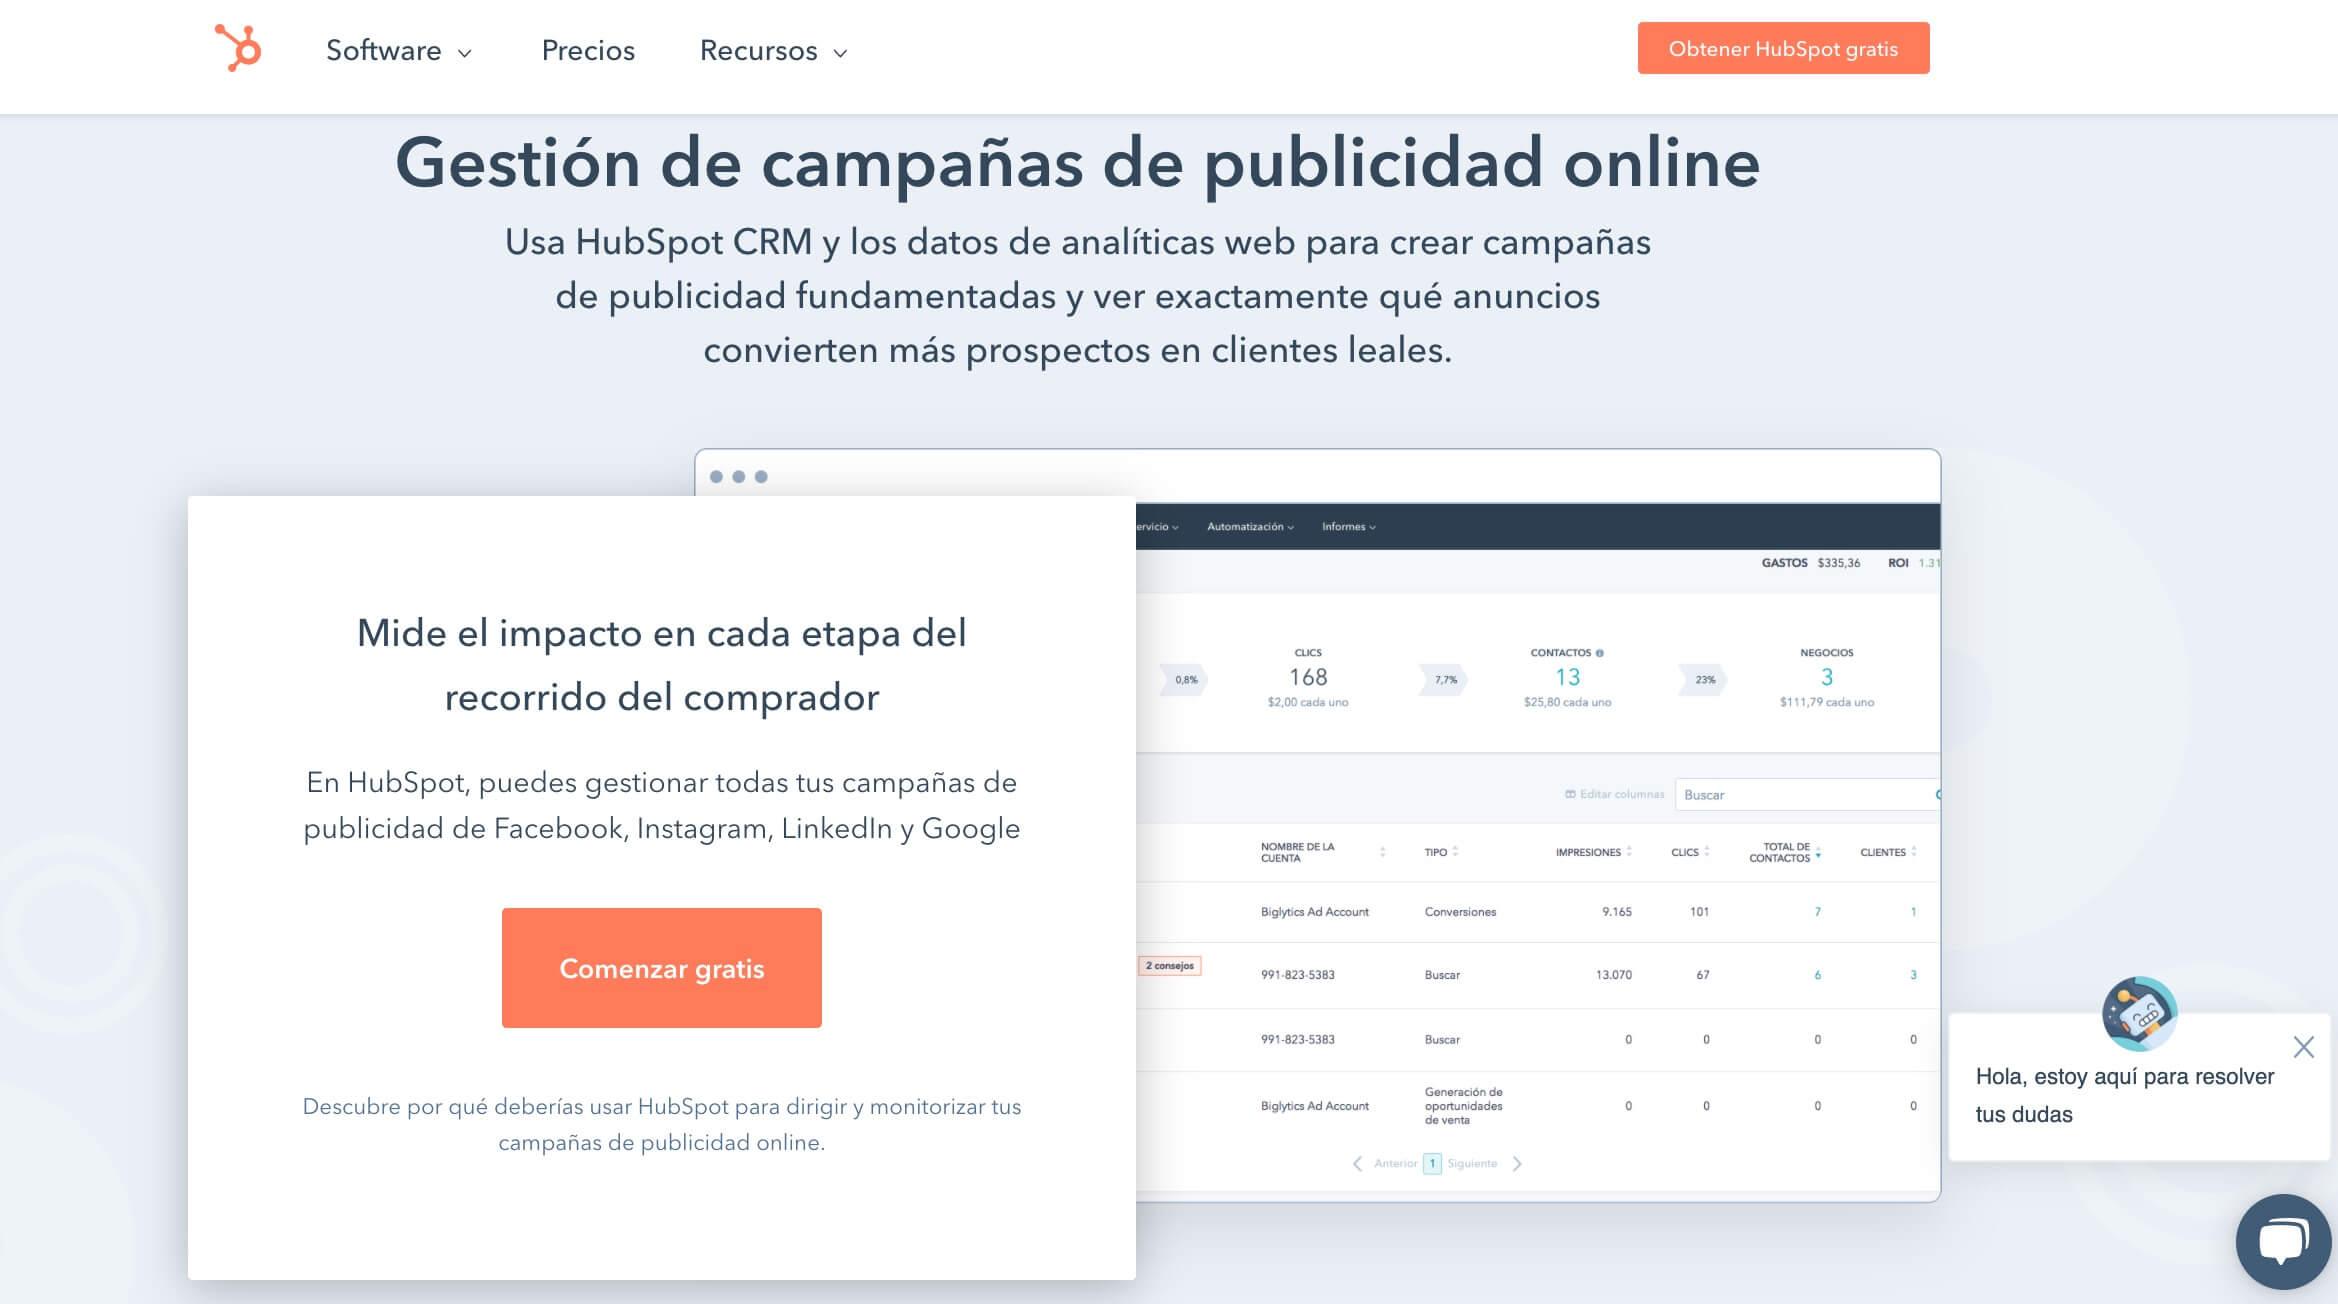 HubSpot CRM, gestor de campañas de publicidad online